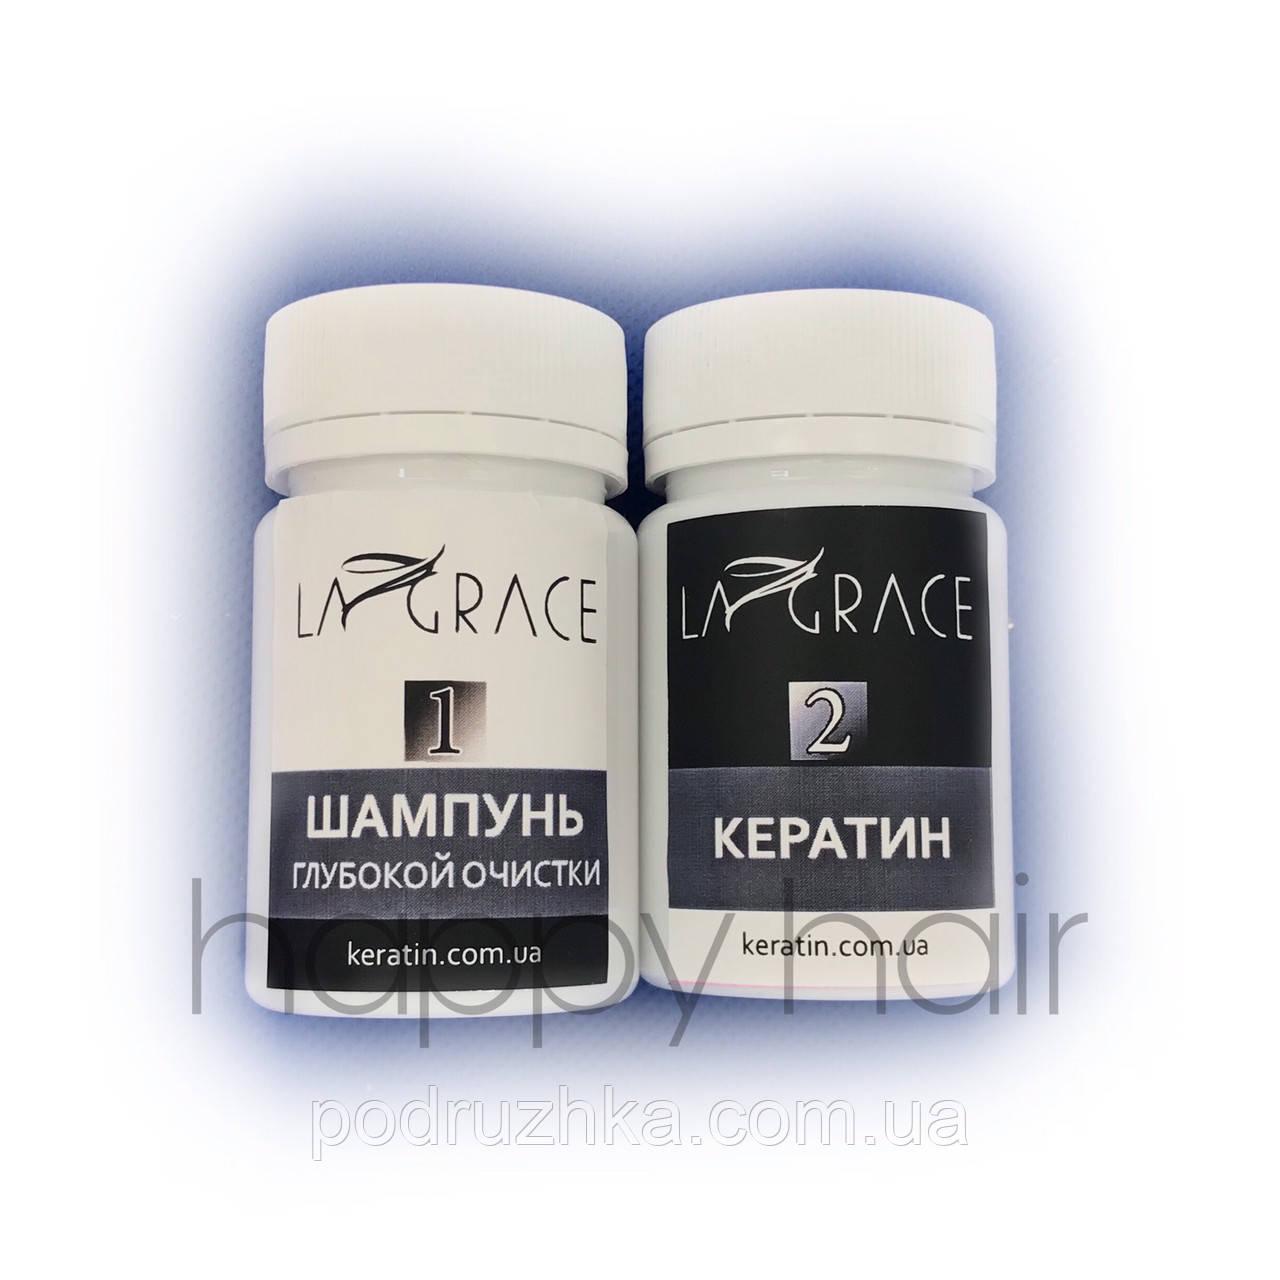 Набор для кератинового выравнивания волос LaGrace 2х200 г